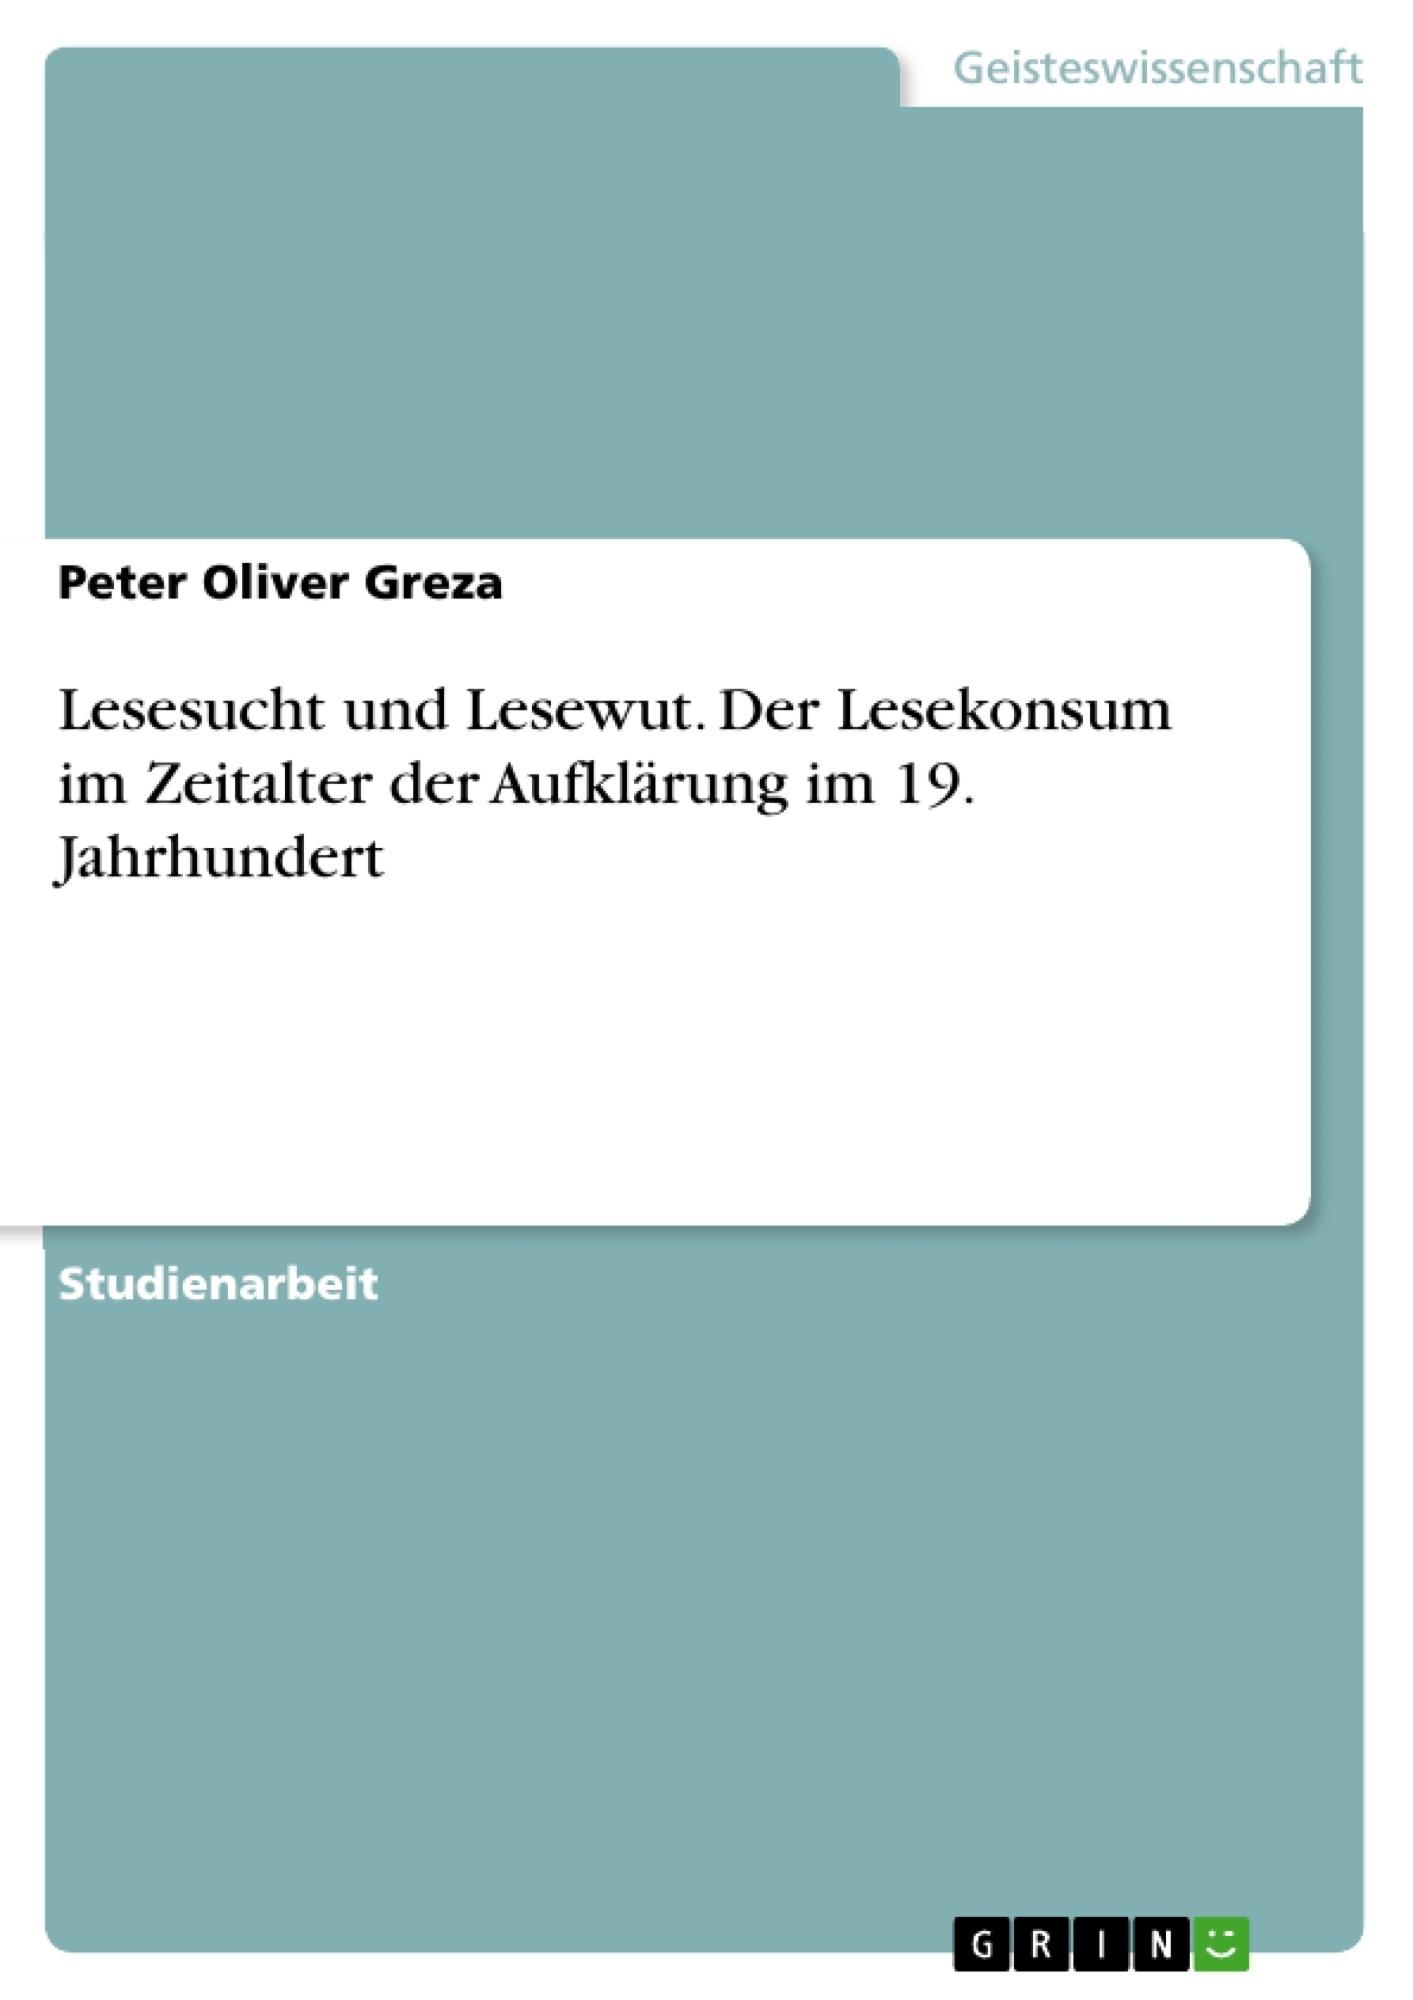 Titel: Lesesucht und Lesewut. Der Lesekonsum im Zeitalter der Aufklärung im 19. Jahrhundert